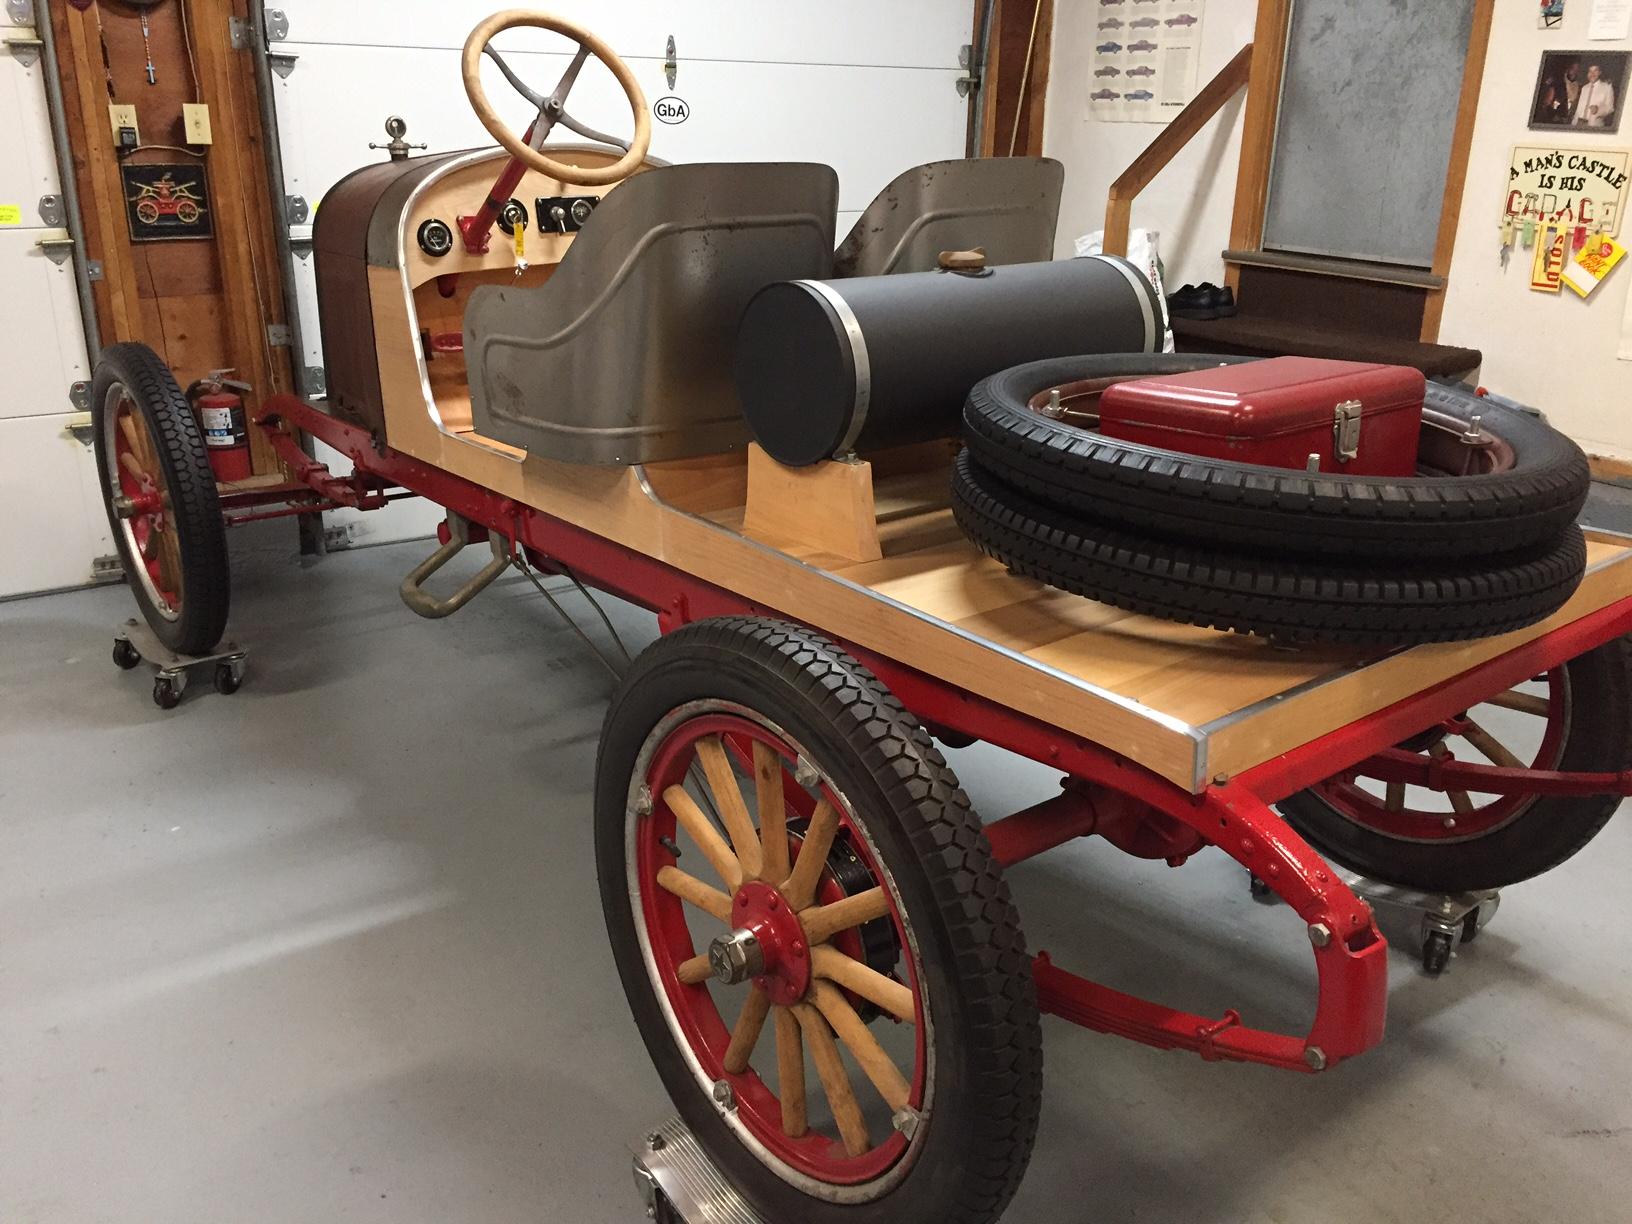 1923 Star Speedster on Ebay - Cars For Sale - Antique Automobile ...